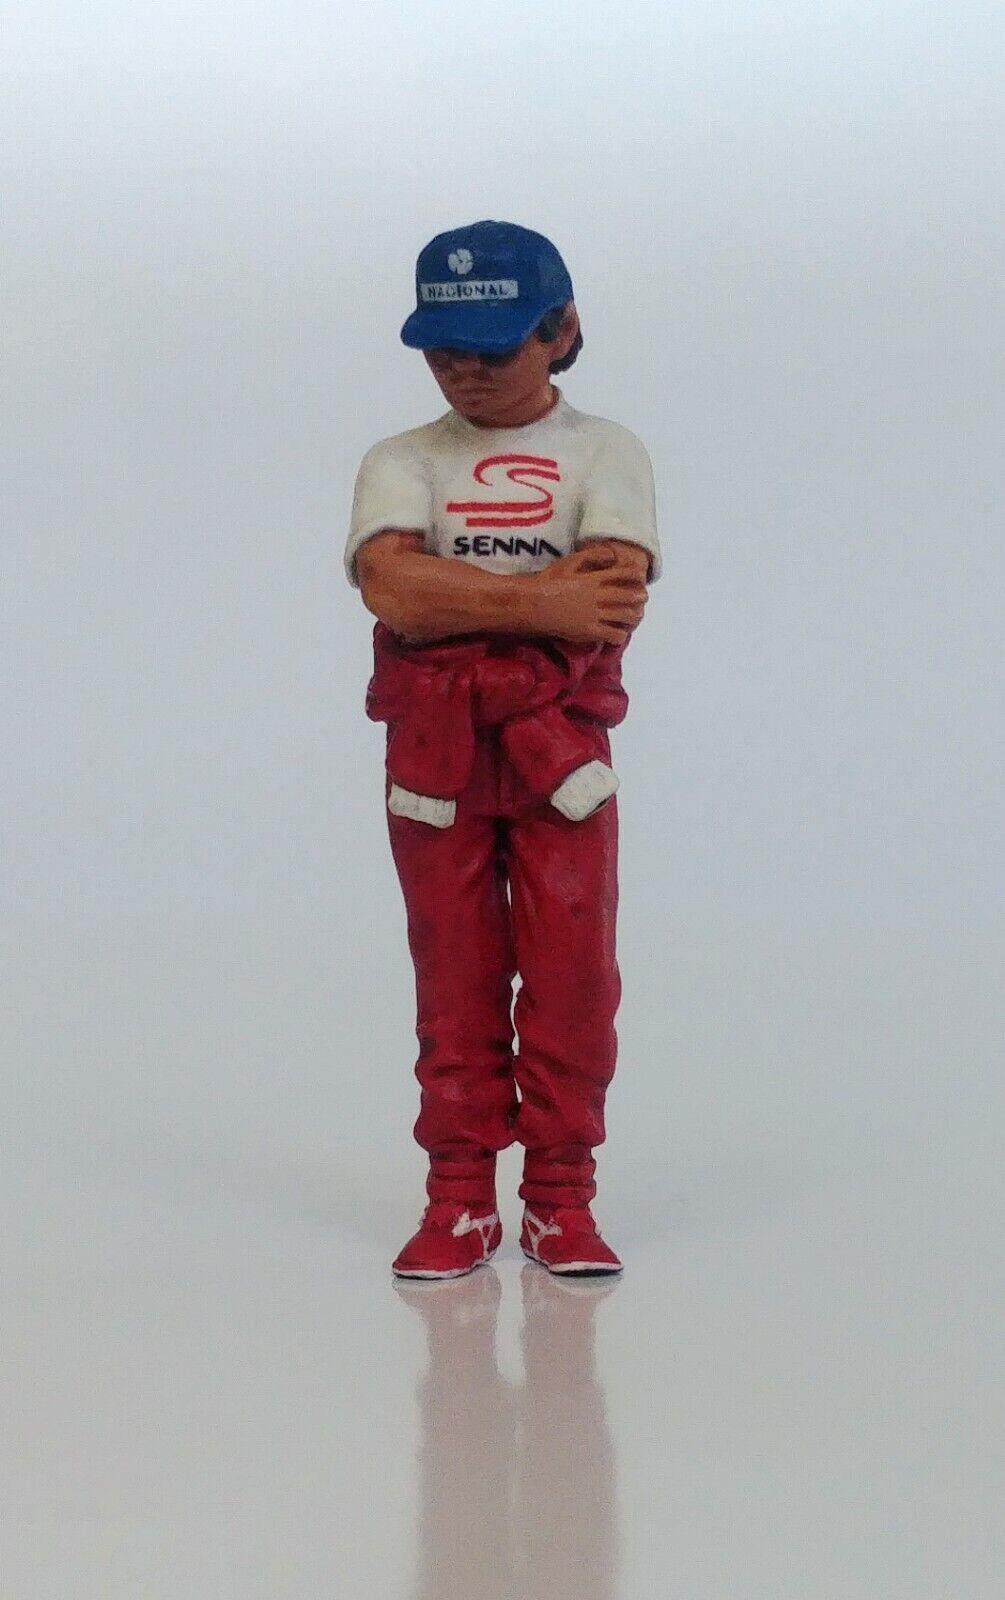 1 43 Ayrton Senna Marlboro McLaren Estatuilla Figura de Pie 1989 1990 1991 1993